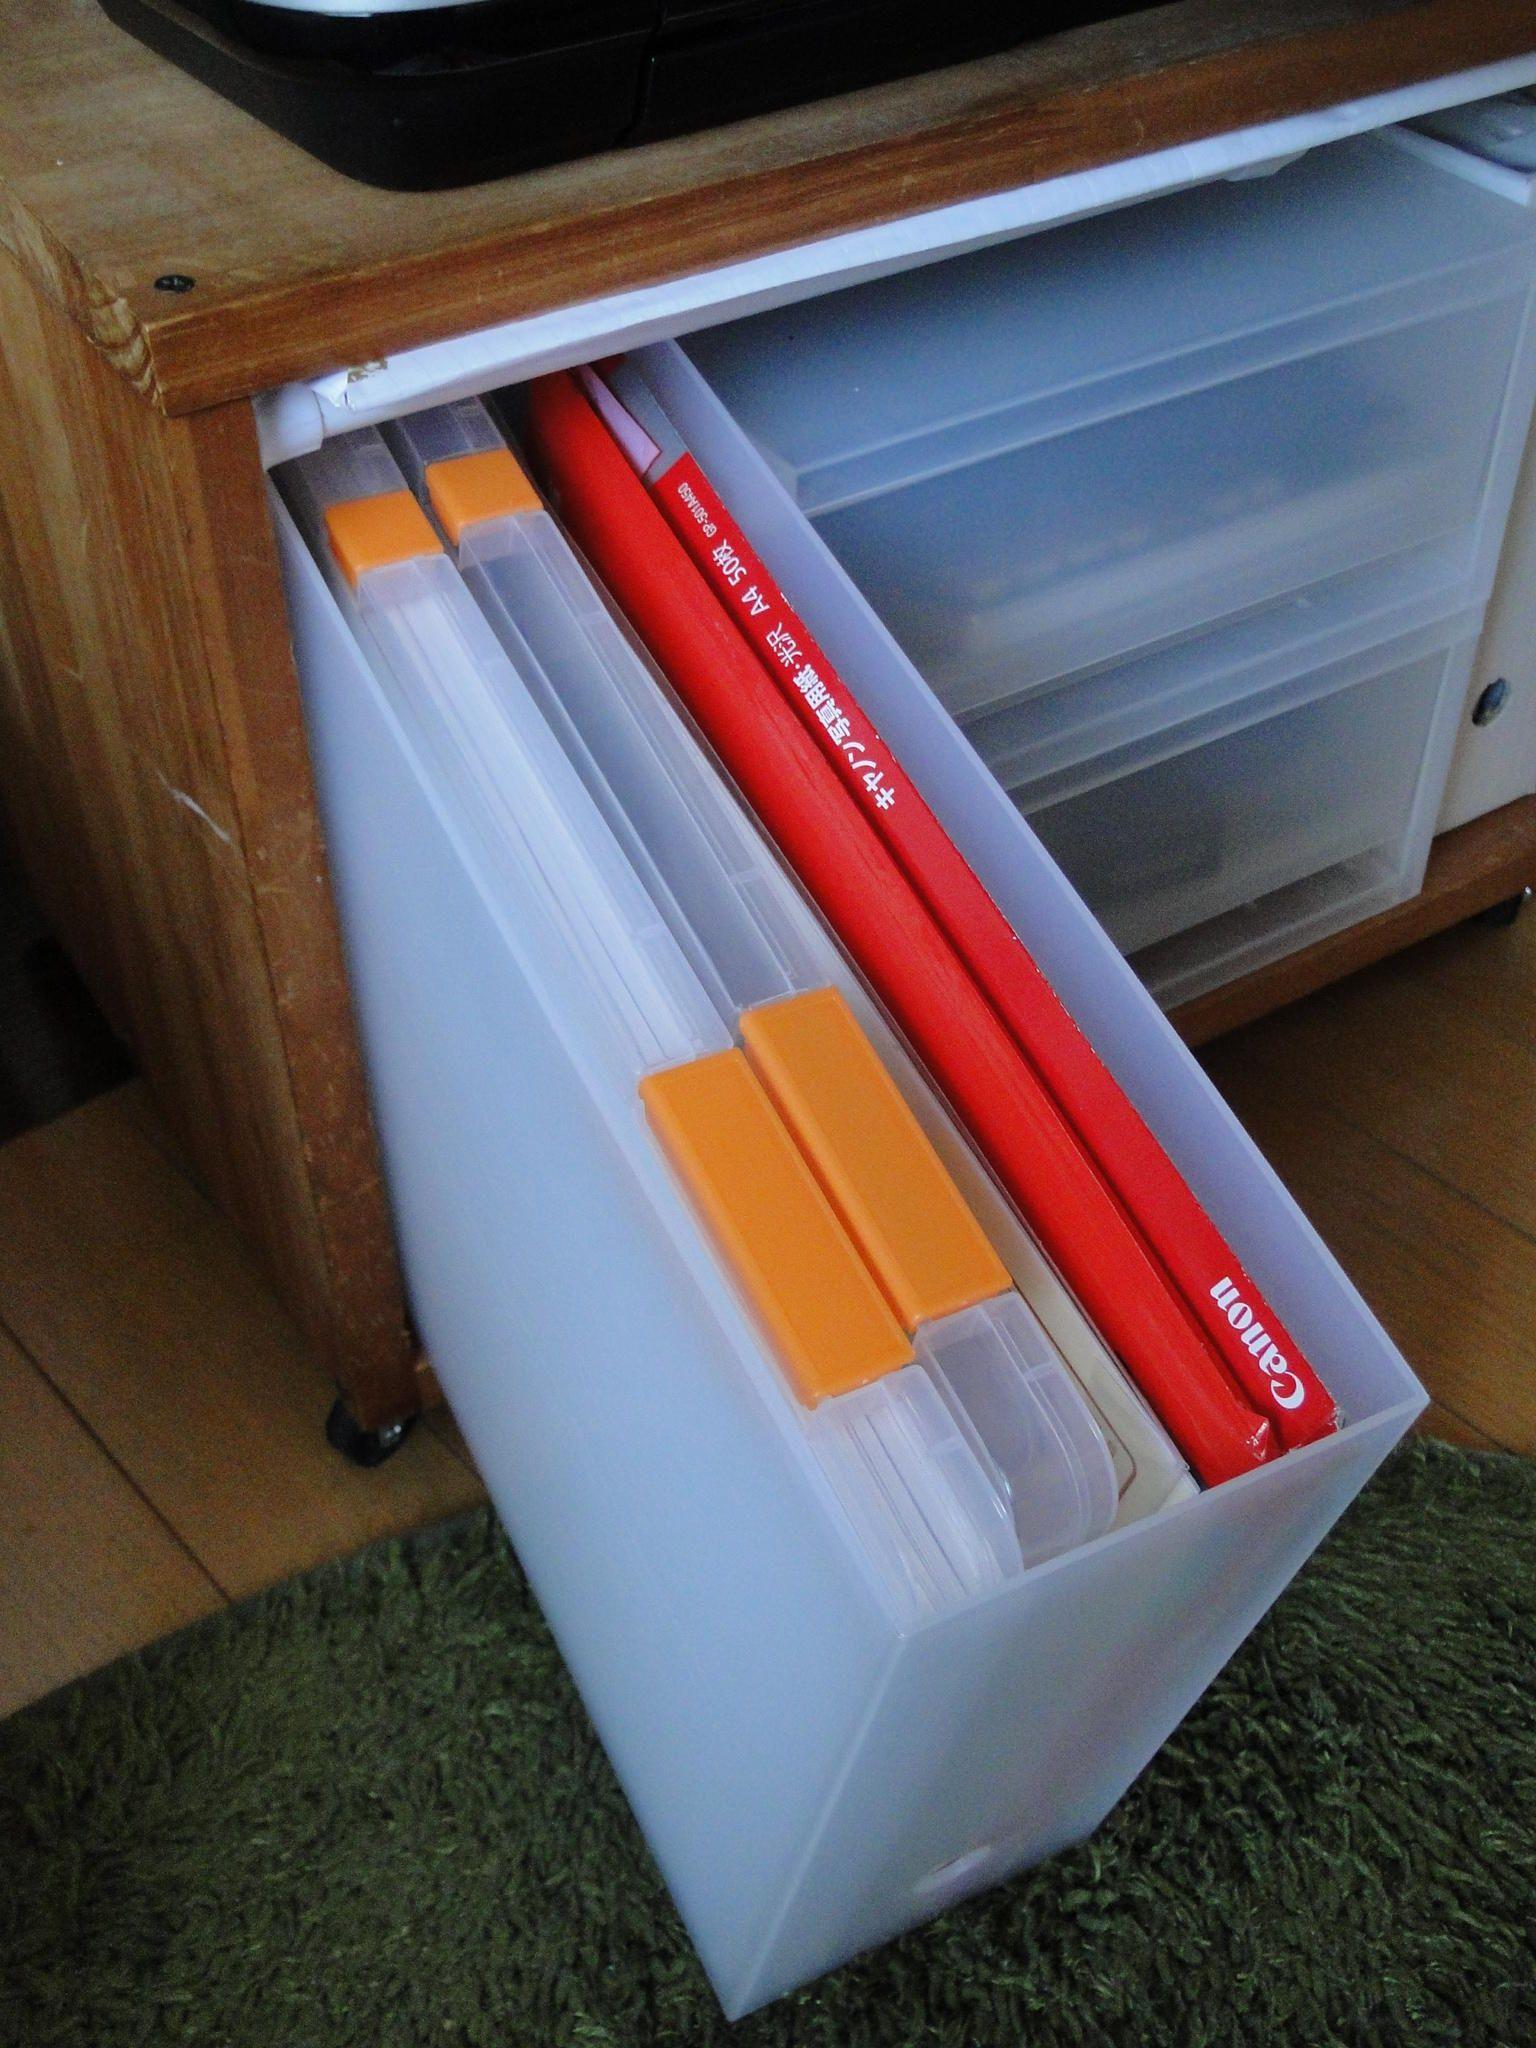 100均のa4ファイルケースでコピー用紙収納 Neigeノ庭カラ 収納 収納ボックス 100均 100均